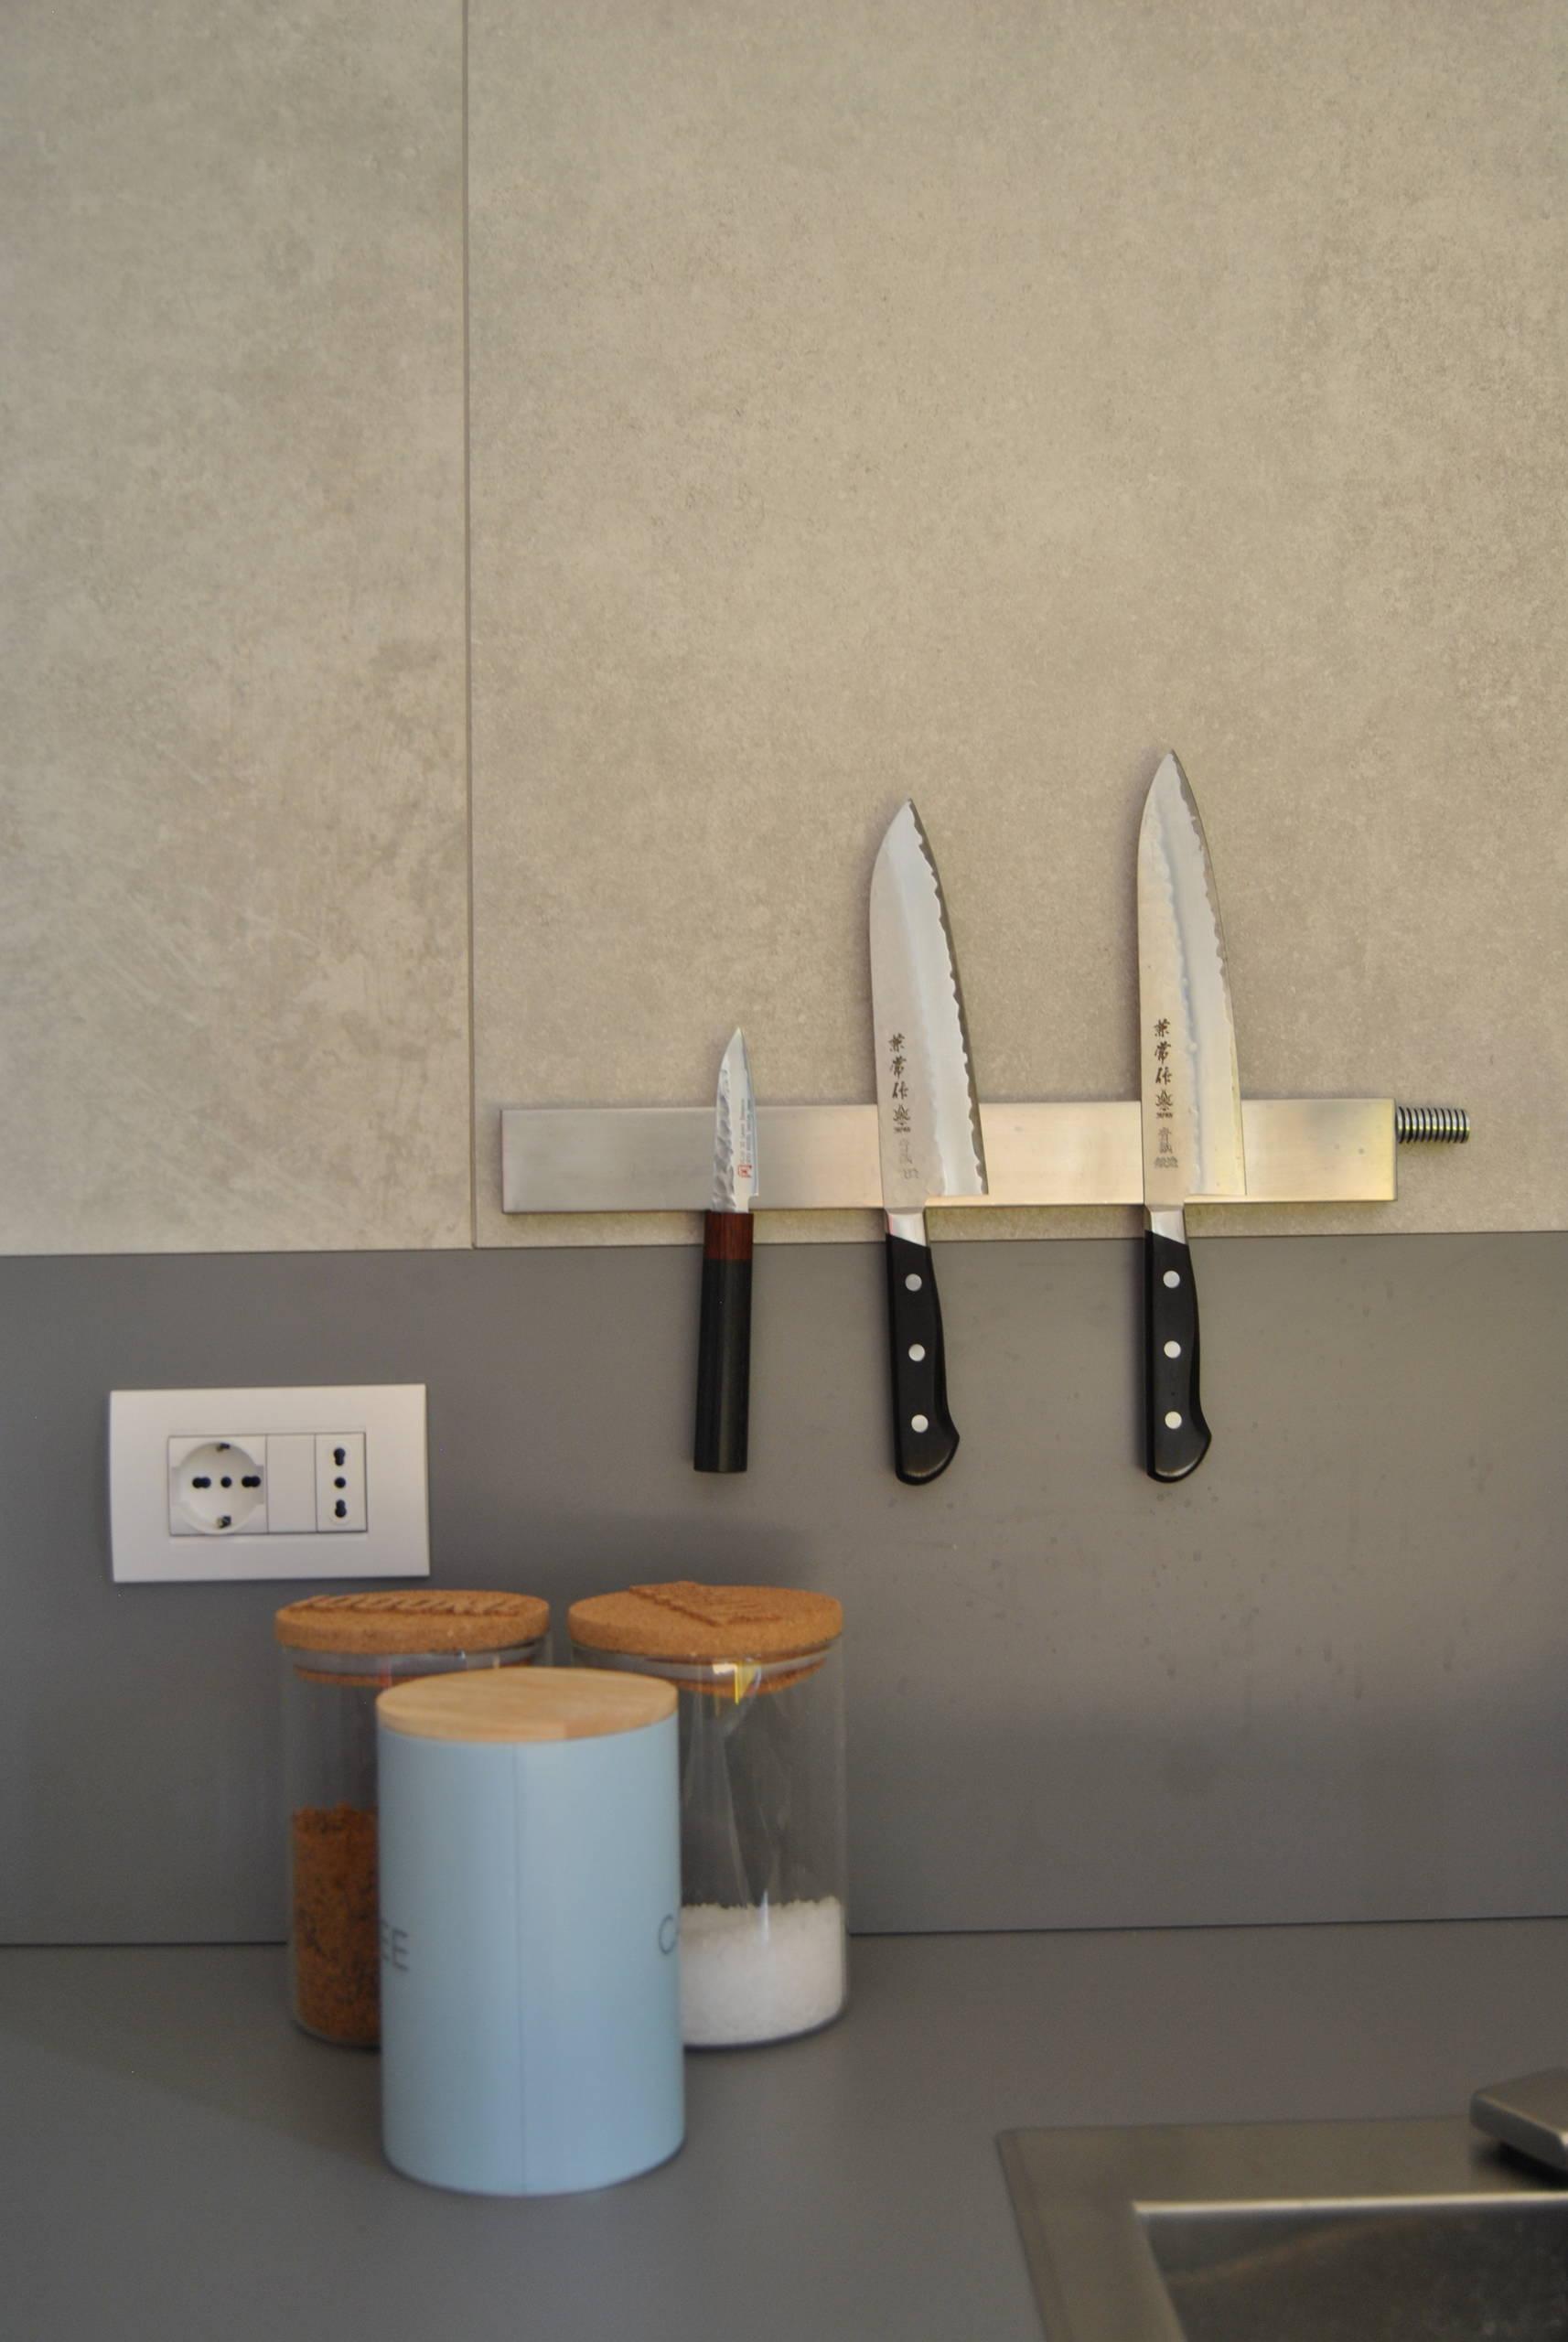 Dettaglio mobile cucina.